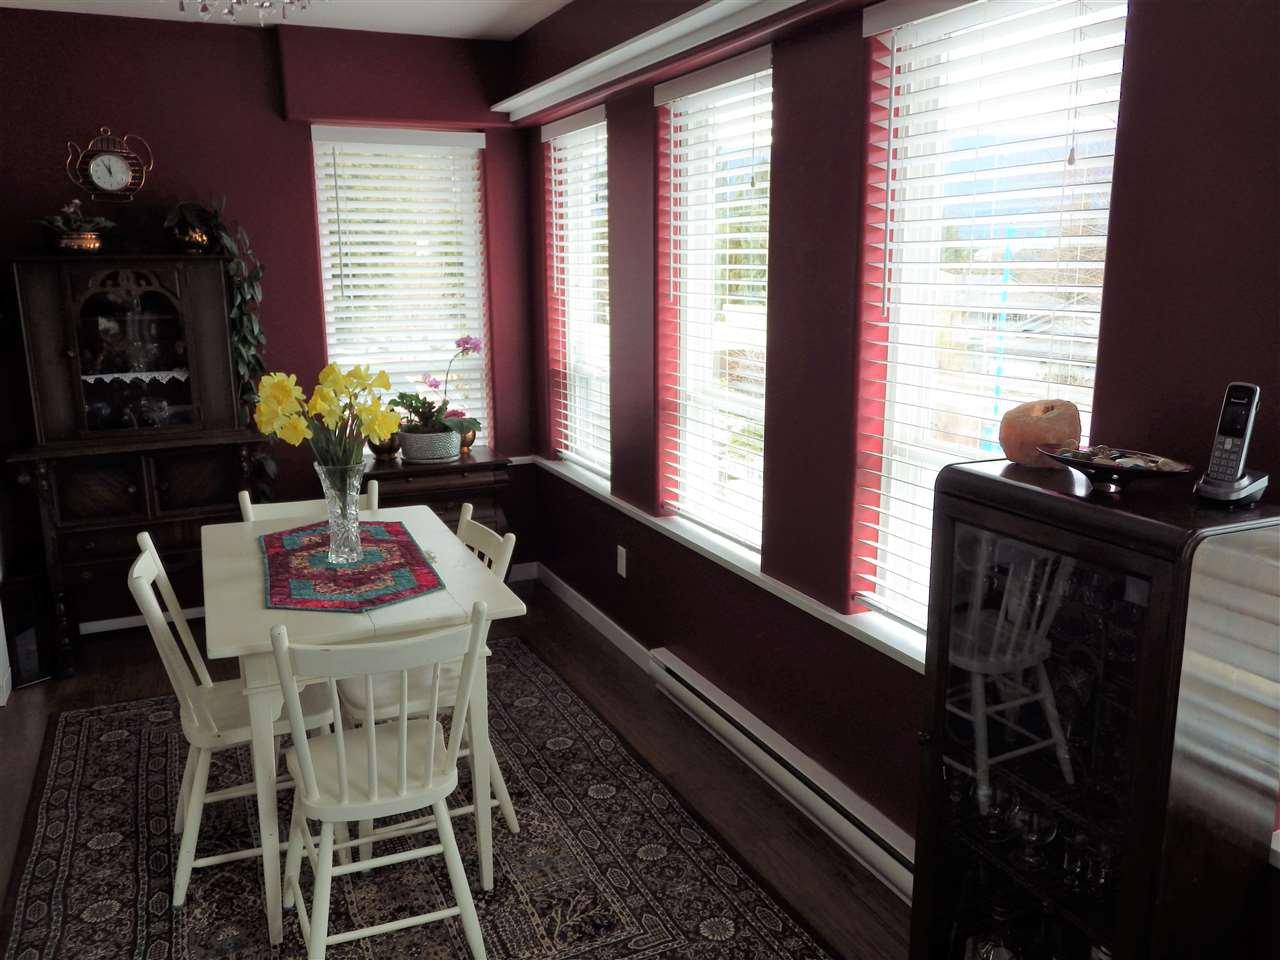 Photo 4: Photos: 5599 MEDUSA Place in Sechelt: Sechelt District House for sale (Sunshine Coast)  : MLS®# R2344394